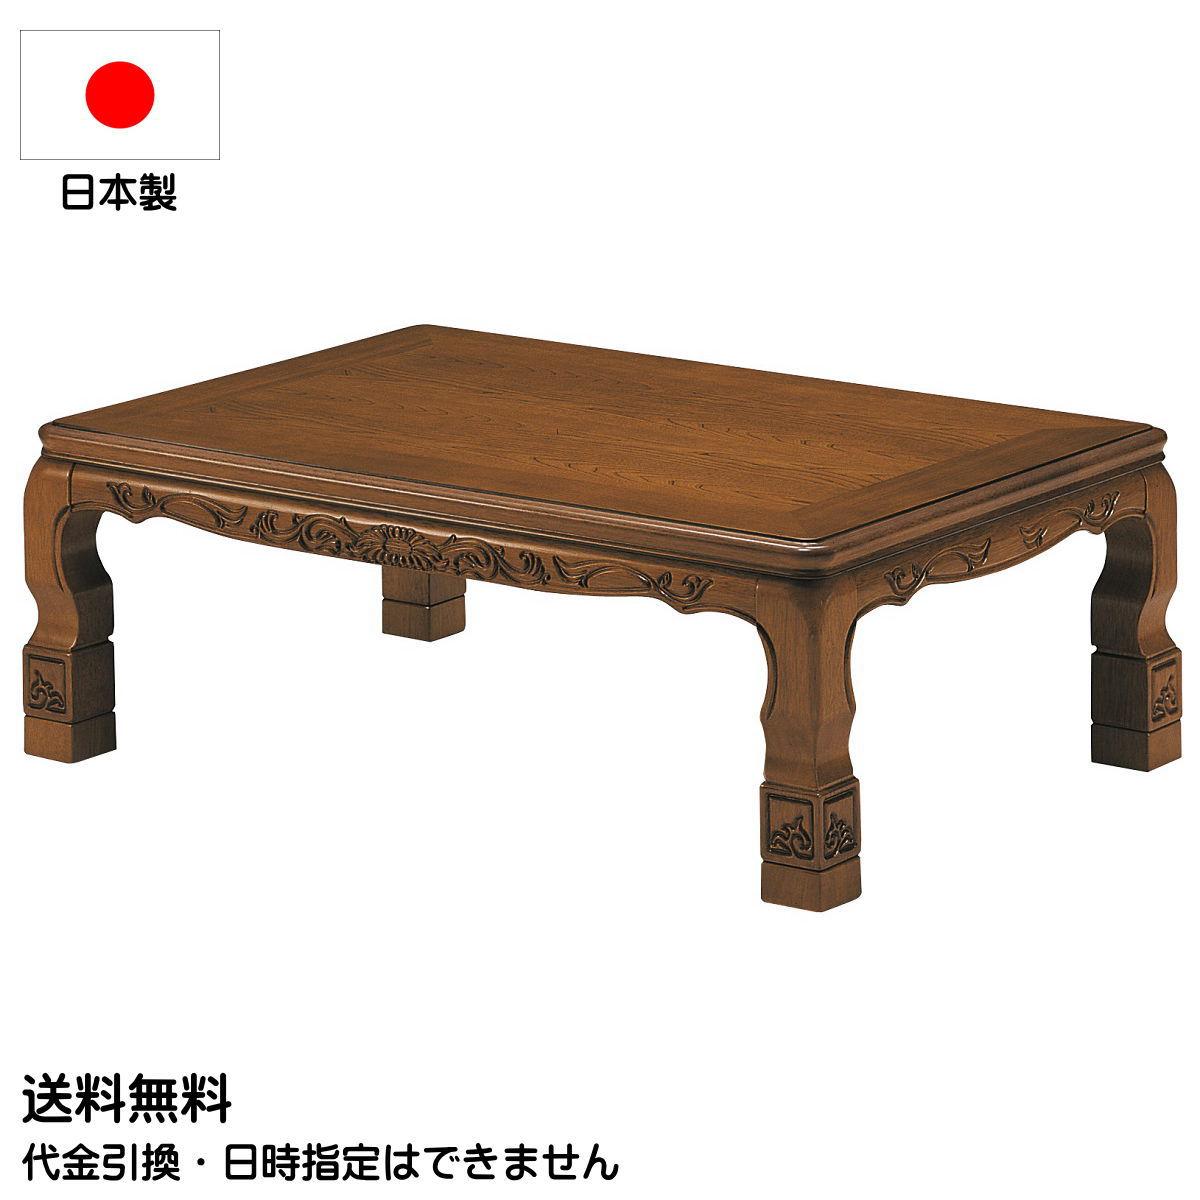 高級 家具調 こたつ テーブル 長方形 120×80×36(41)cm 600W 温風式 和調 つぎあし 炬燵 N弥-1201 メーカー直送 送料無料